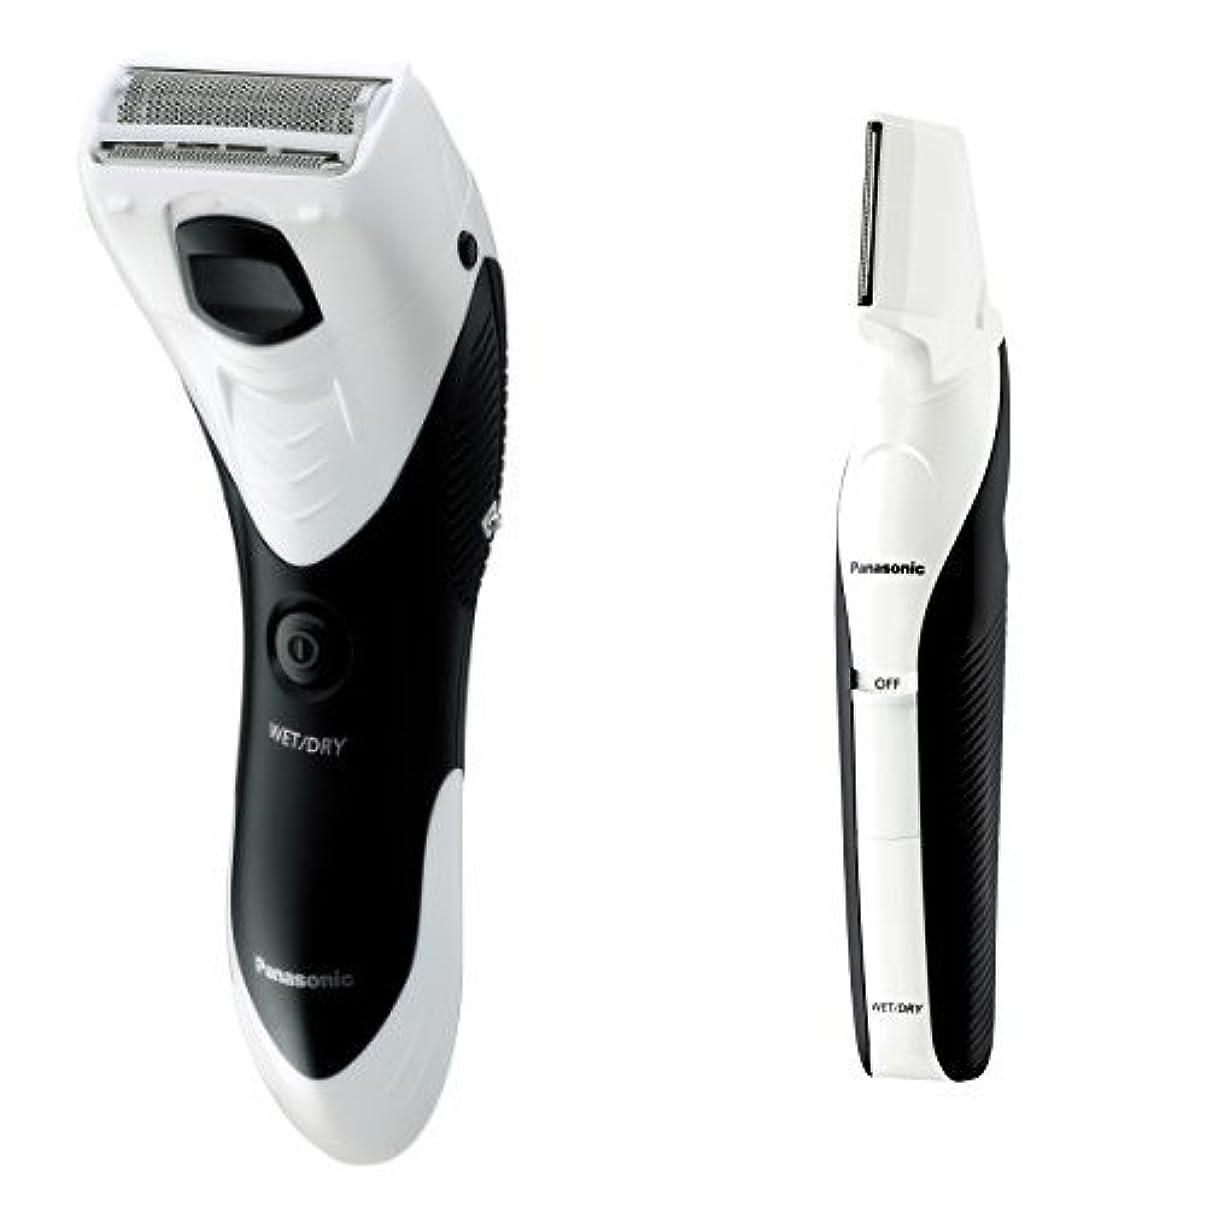 める荒涼とした明確なパナソニック メンズシェーバー ボディ用 お風呂剃り可 白 ER-GK40-W + ボディトリマーセット